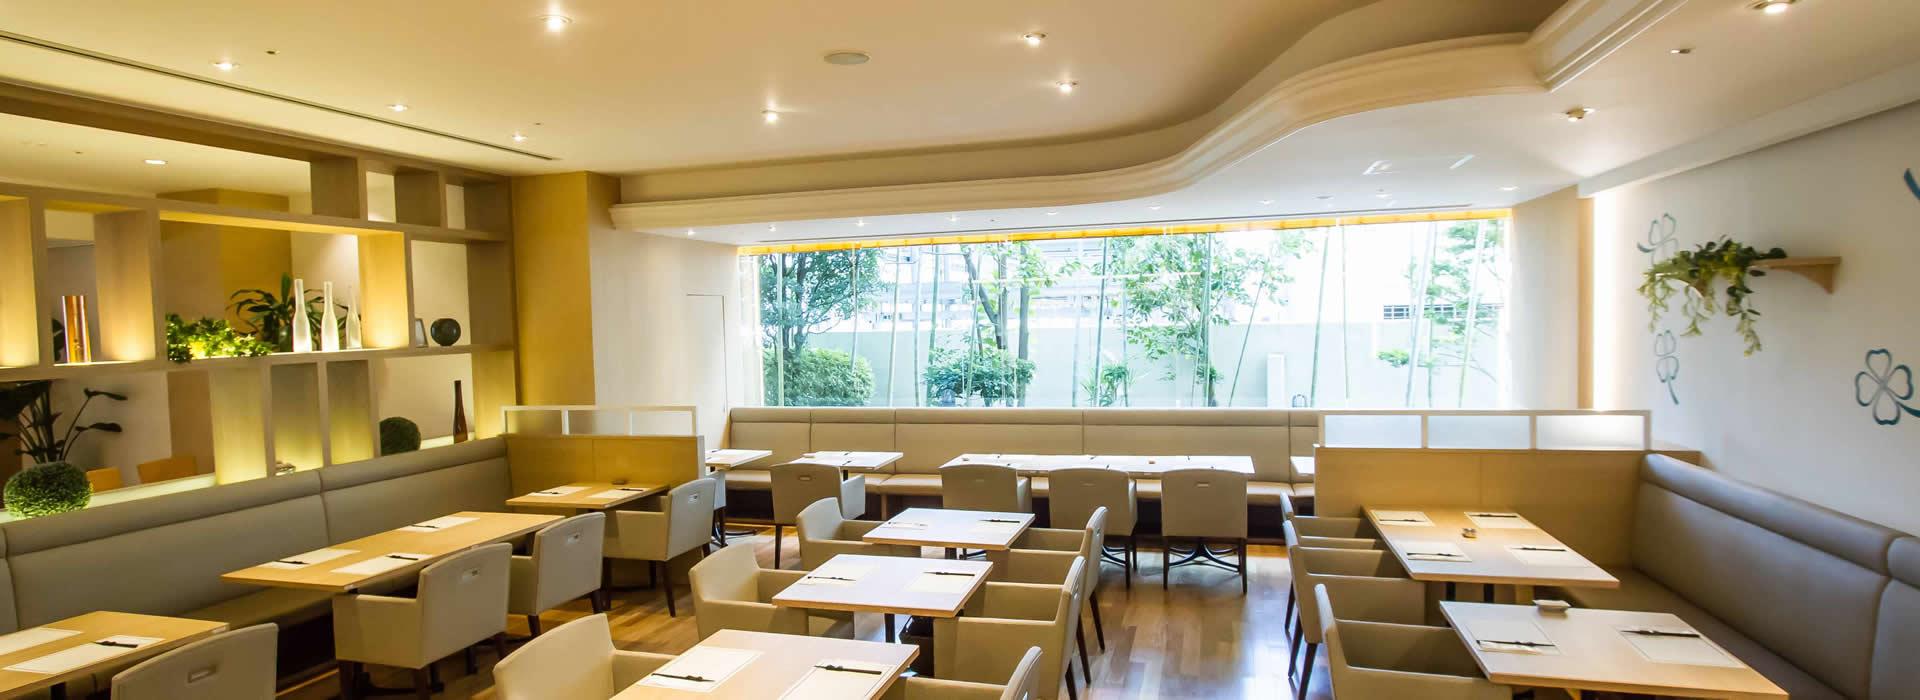 レストラン|レンブラントホテル大分【公式】レンブラントグループホテル